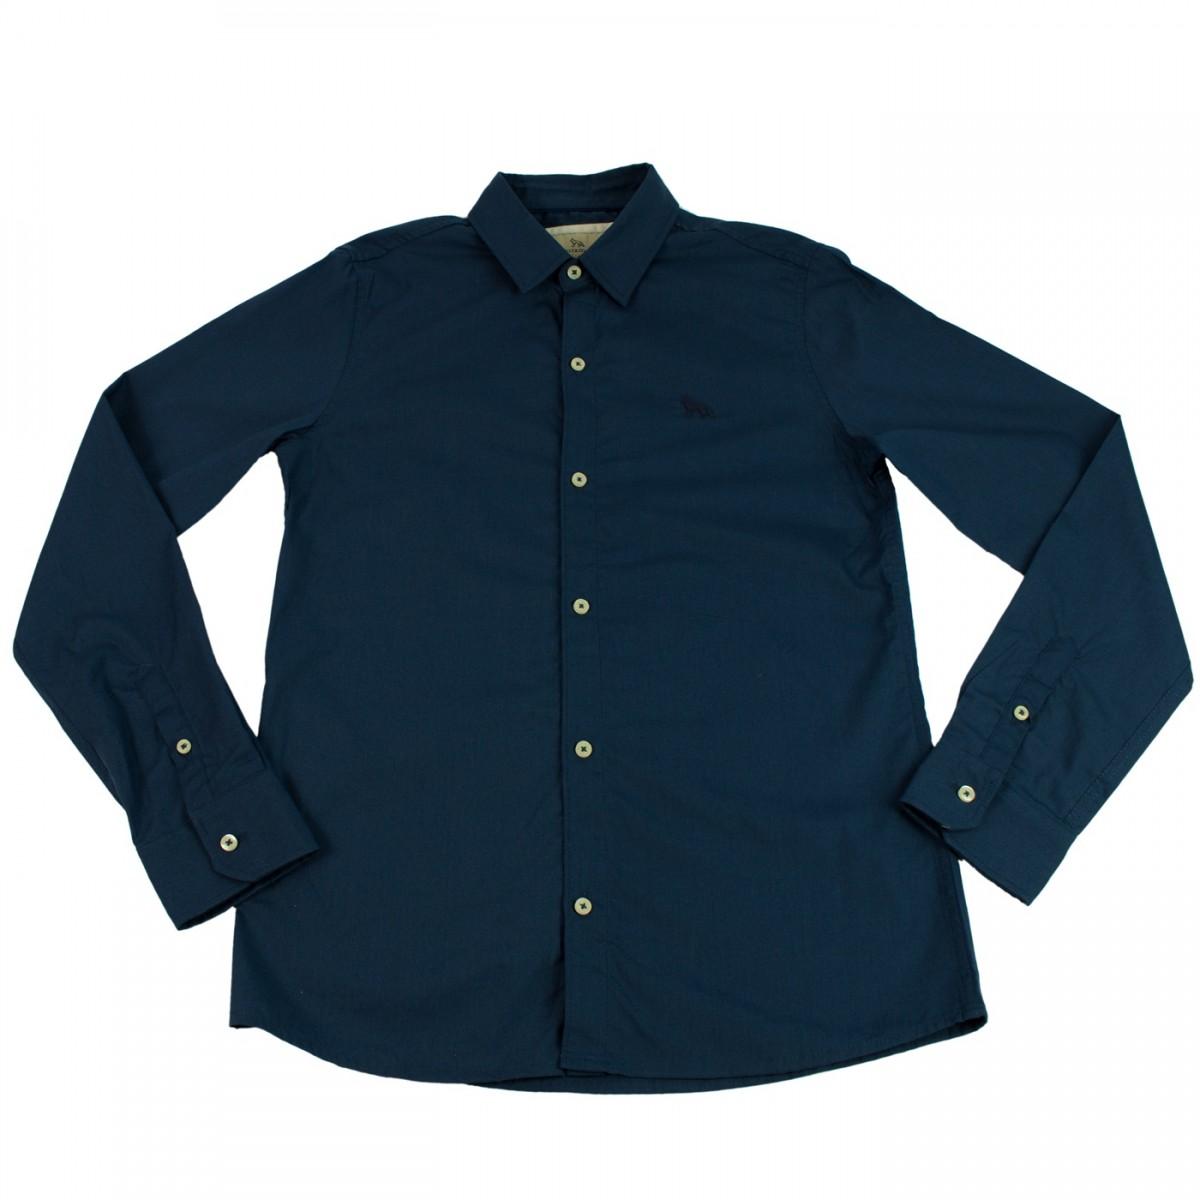 Bizz Store - Camisa Social Infantil Masculina Acostamento 7d23199ca67